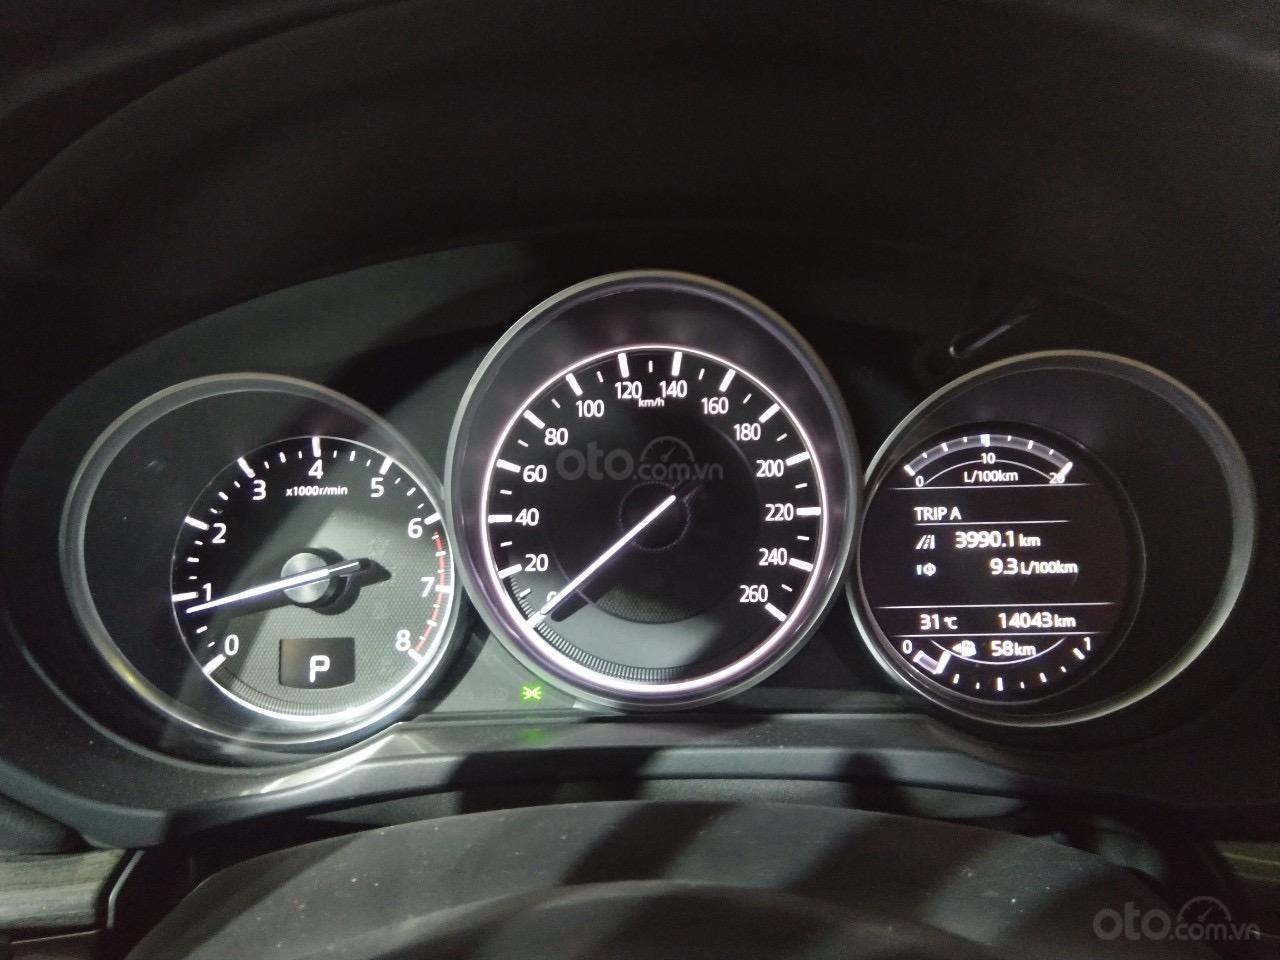 Bán Mazda CX 5 AT 2 WD SX 2018, màu đen, liên hệ: 0974299922 (9)